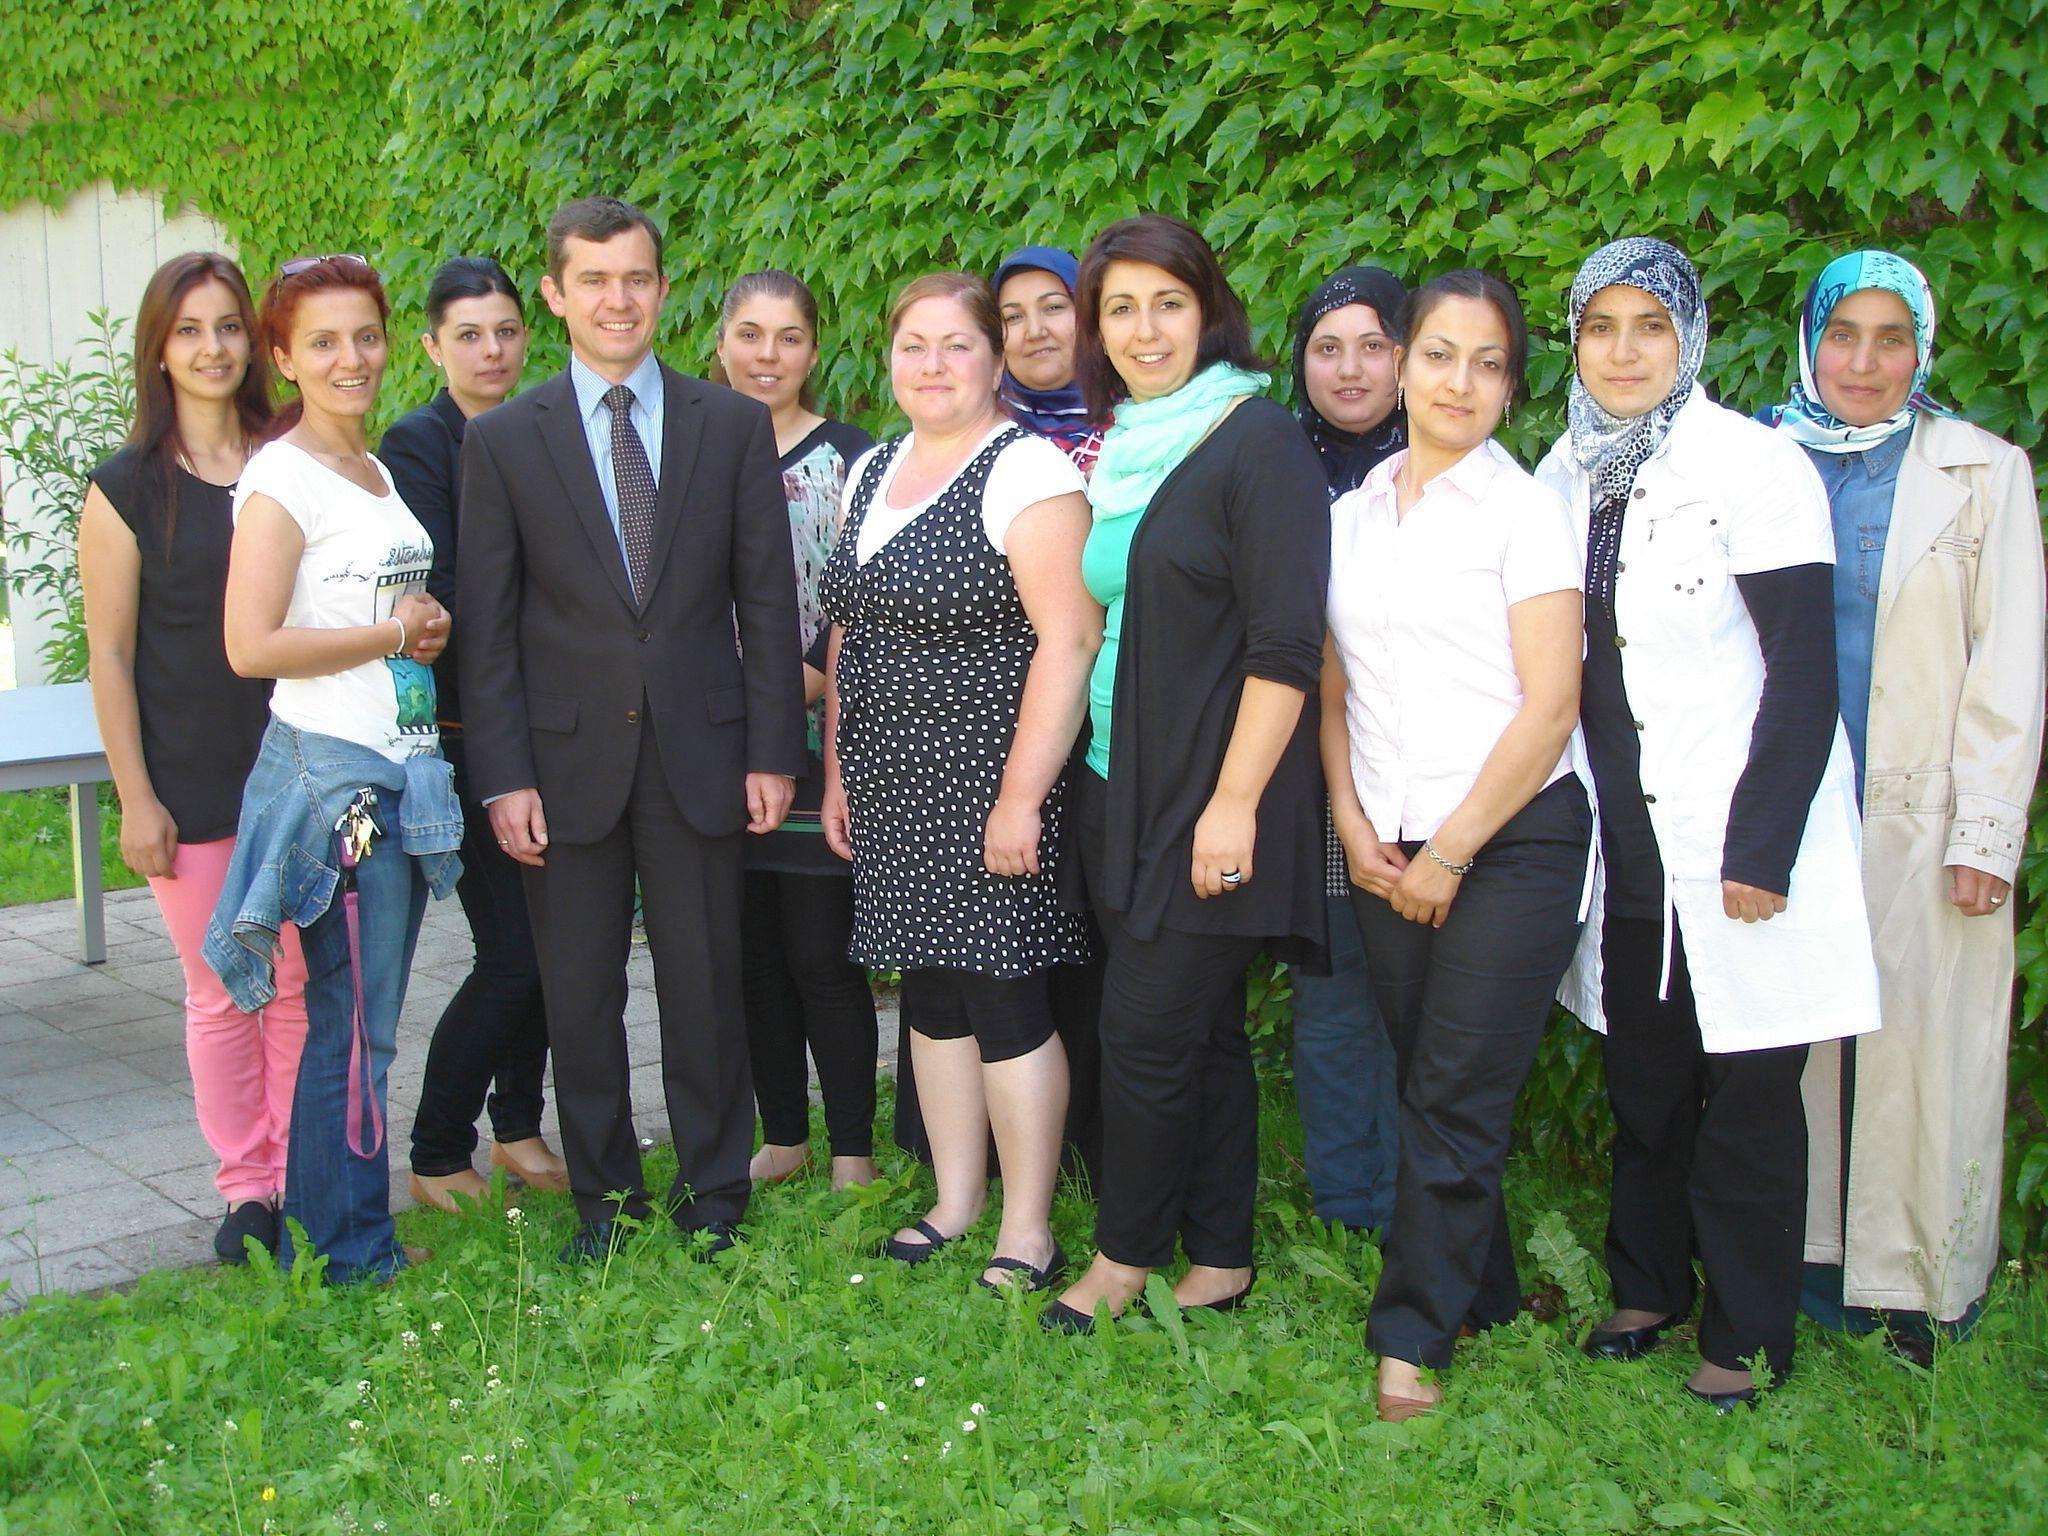 Die Teilnehmerinnen freuten sich über das Elternkreis-Zertifikat, das ihnen Bürgermeister Martin Summer im Beisein der beiden Moderatorinnen (Mitte) Hülya Iseri und Neslihan Uysal überreichte.